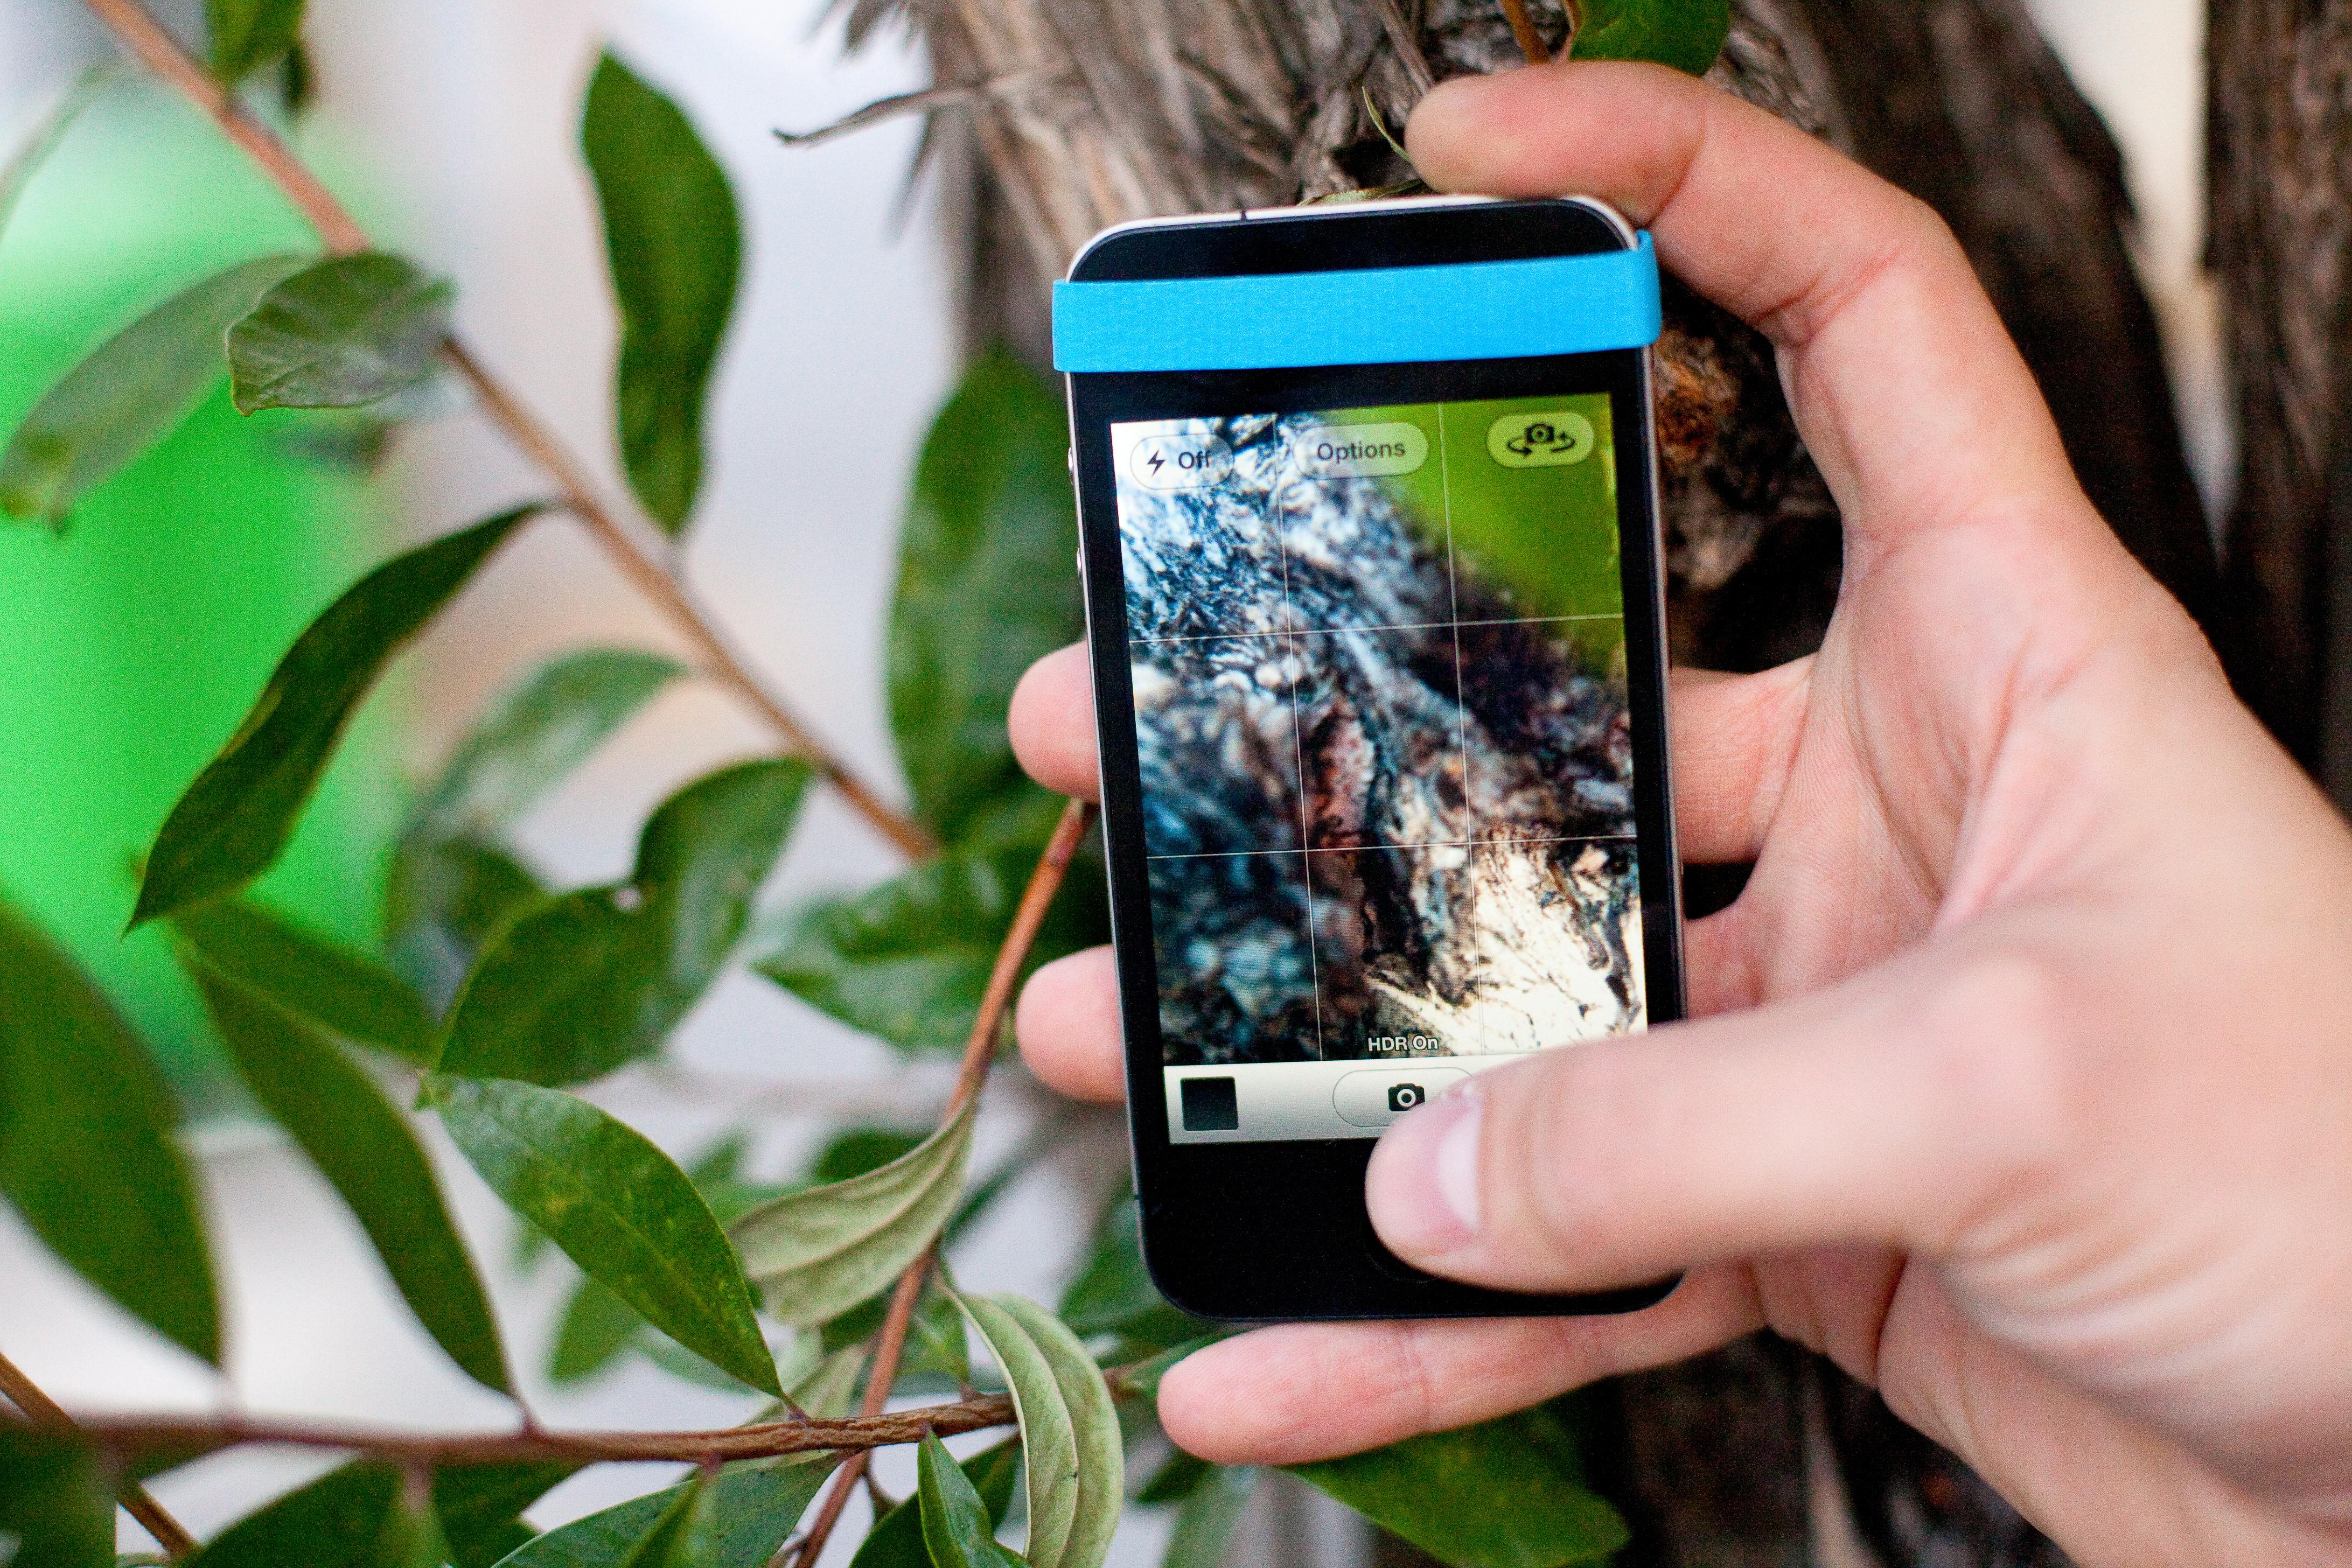 iPhoneography Gadgets und mehr [Gastartikel]